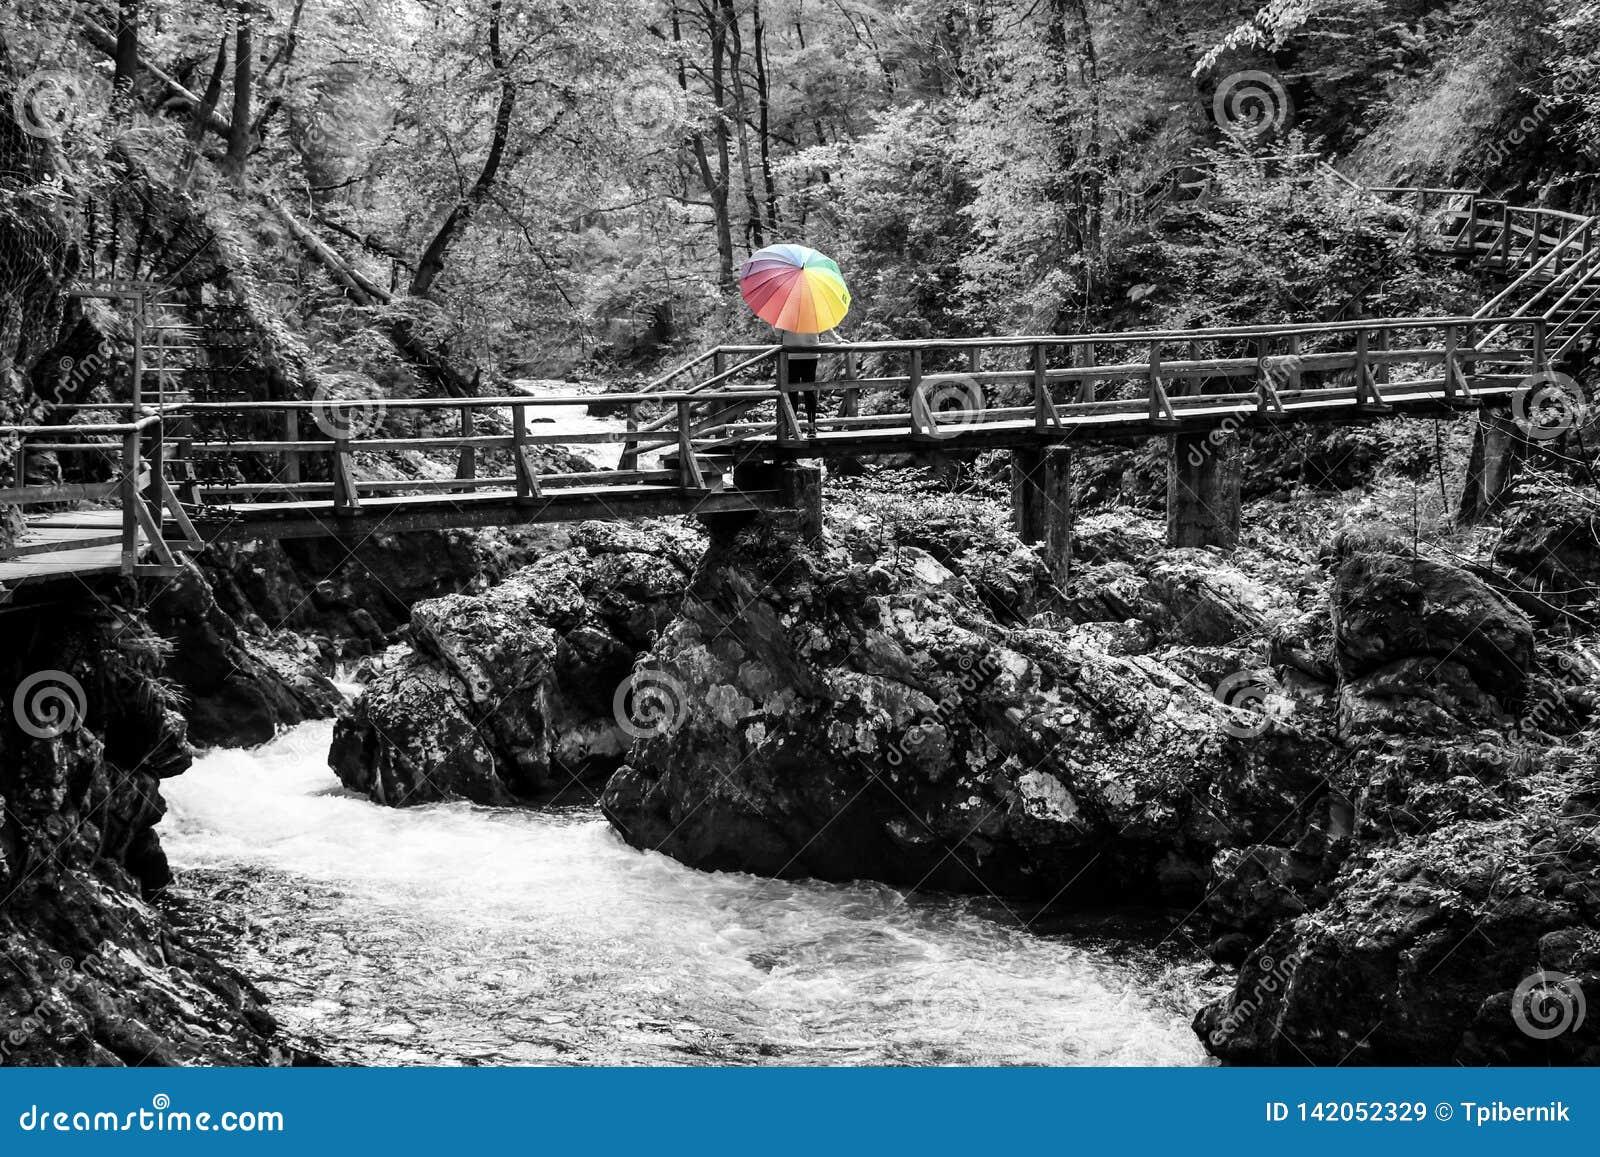 Reife Frauenstellung auf einer Holzbr?cke ?ber Fluss mit buntem Regenschirm an einem sonnigen Herbsttag